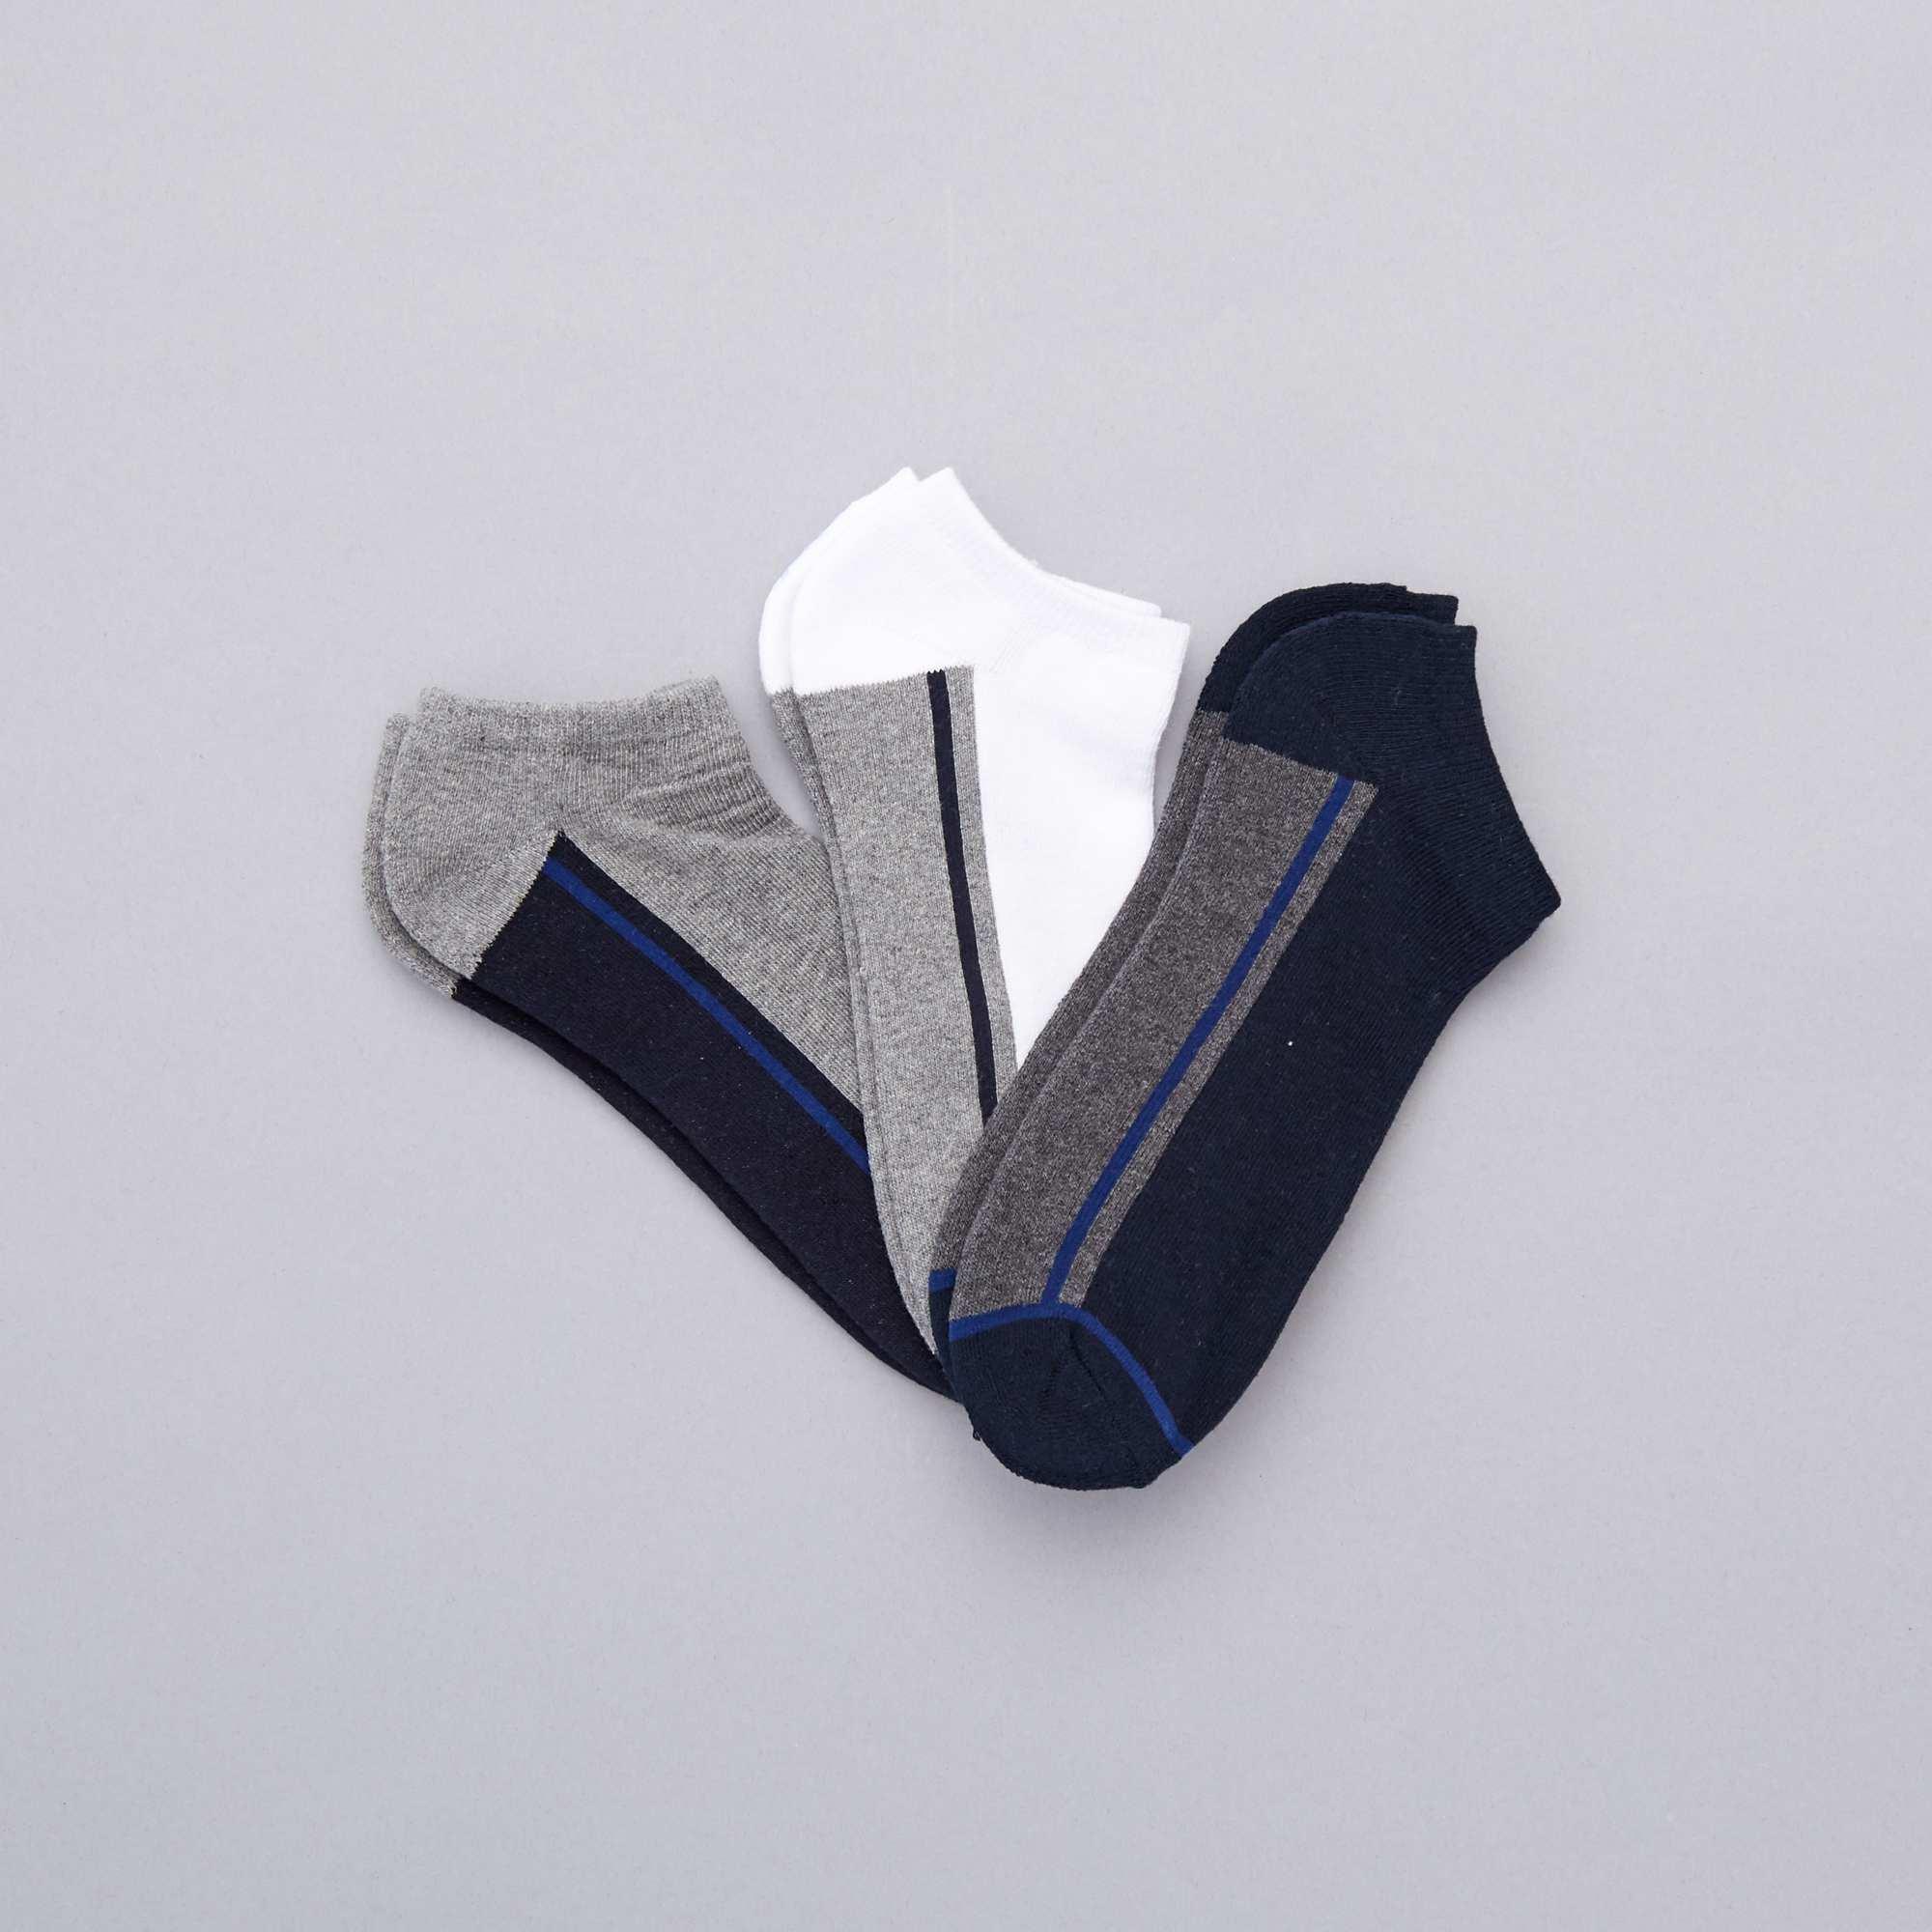 7d3917ed0bf 3 paires de chaussettes invisibles sport Grande taille homme - bleu ...